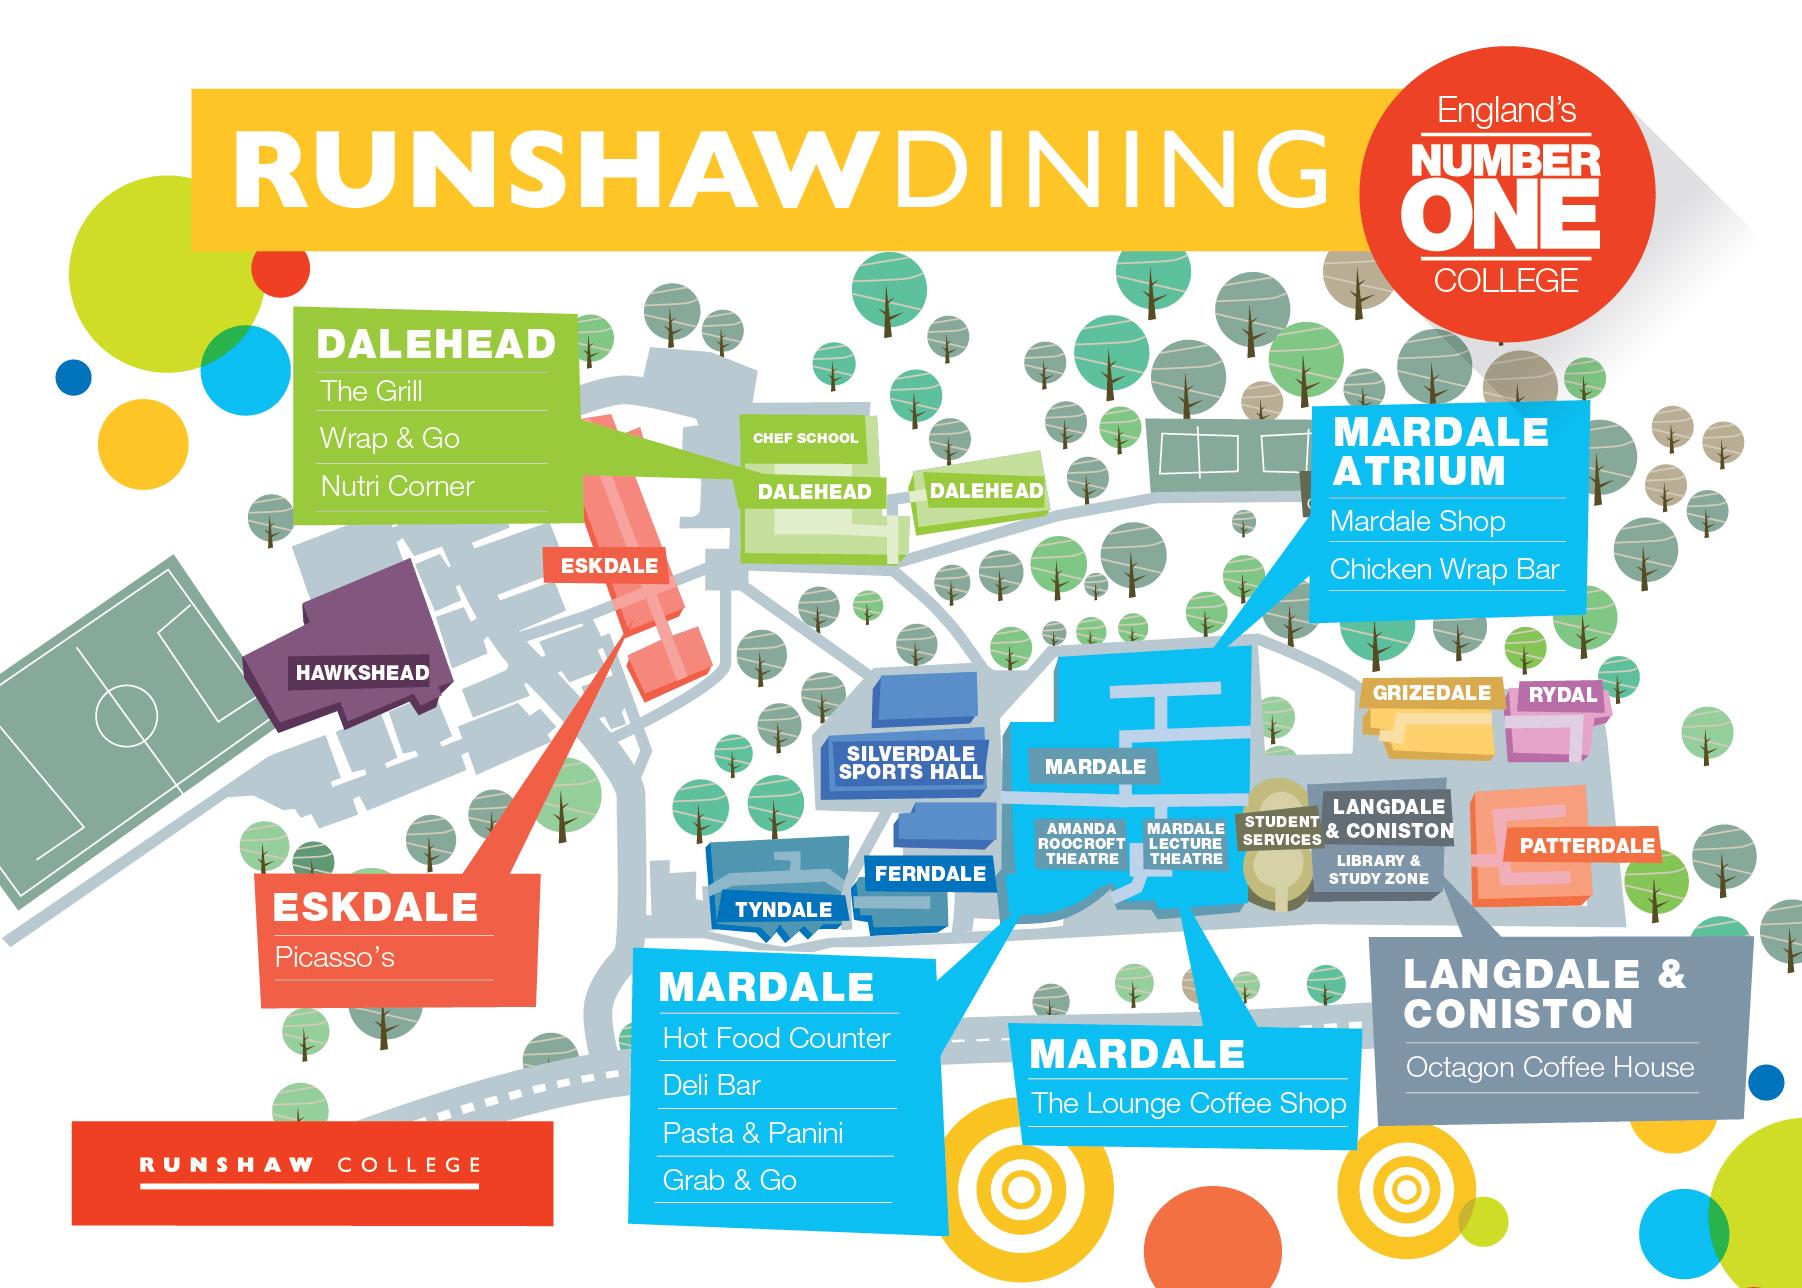 Runshaw Dining